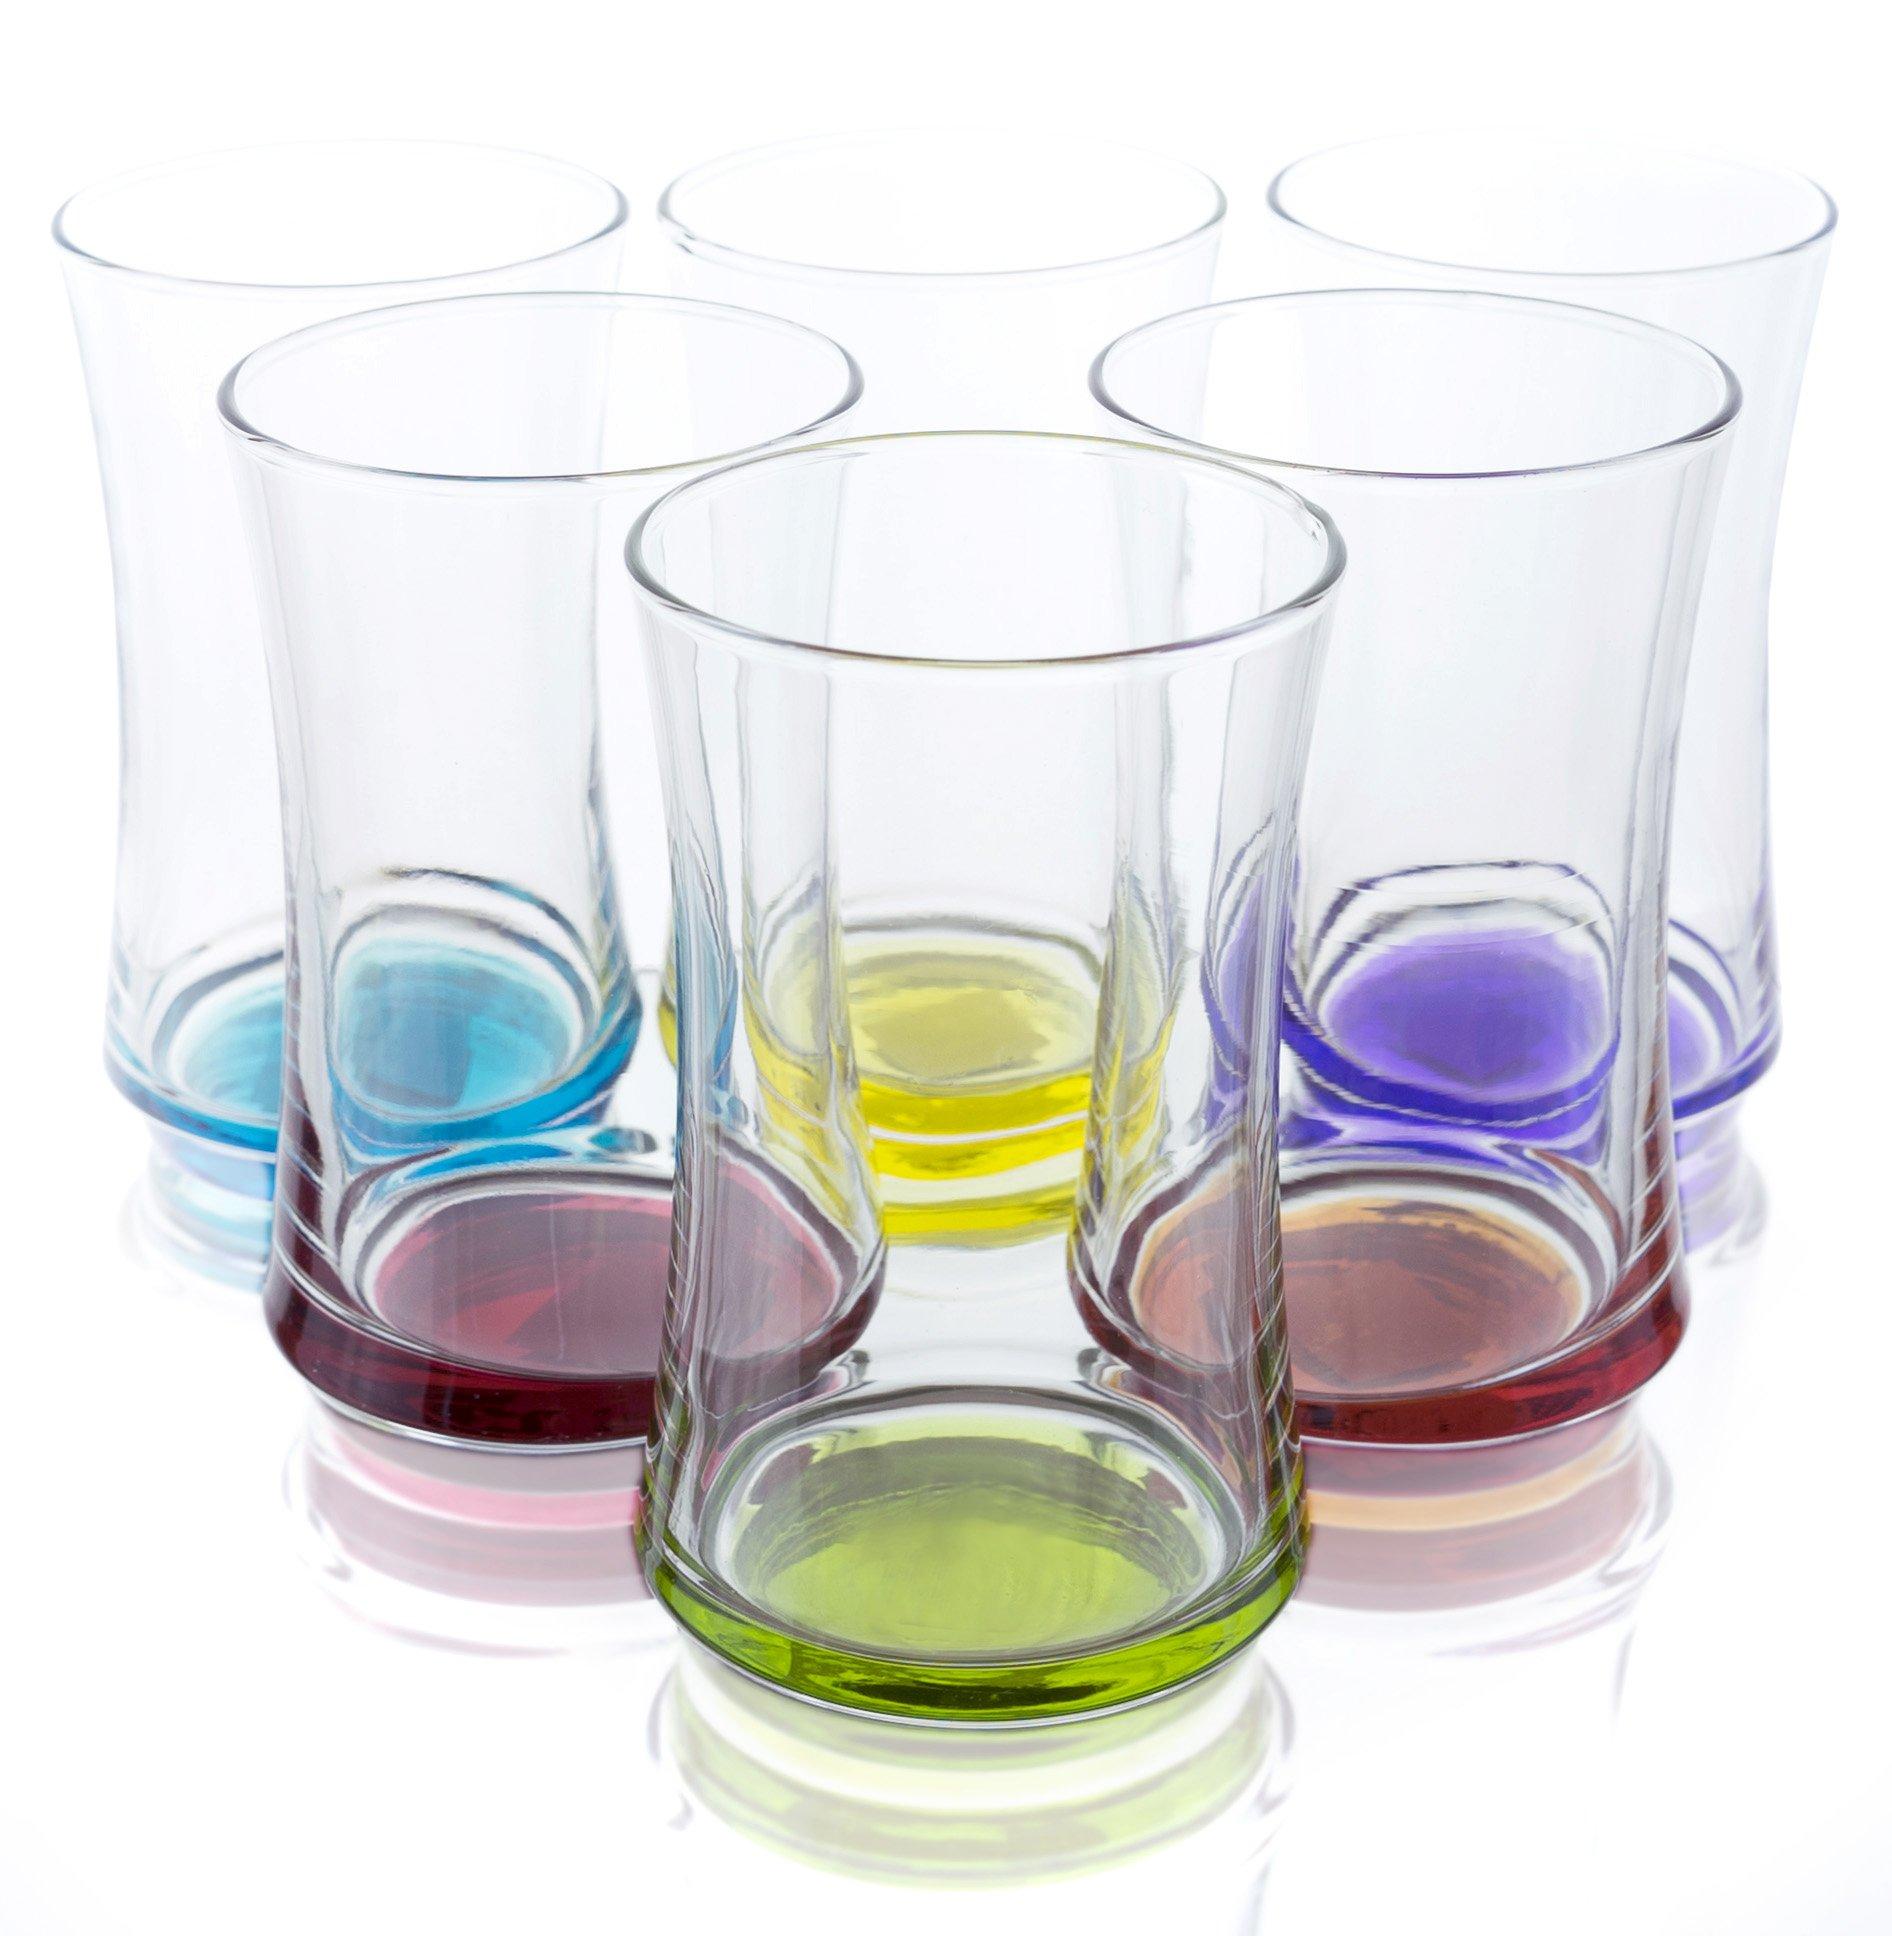 Multi-Colored 11.75 oz Highball Glasses - Set of 6, Bulk packaging